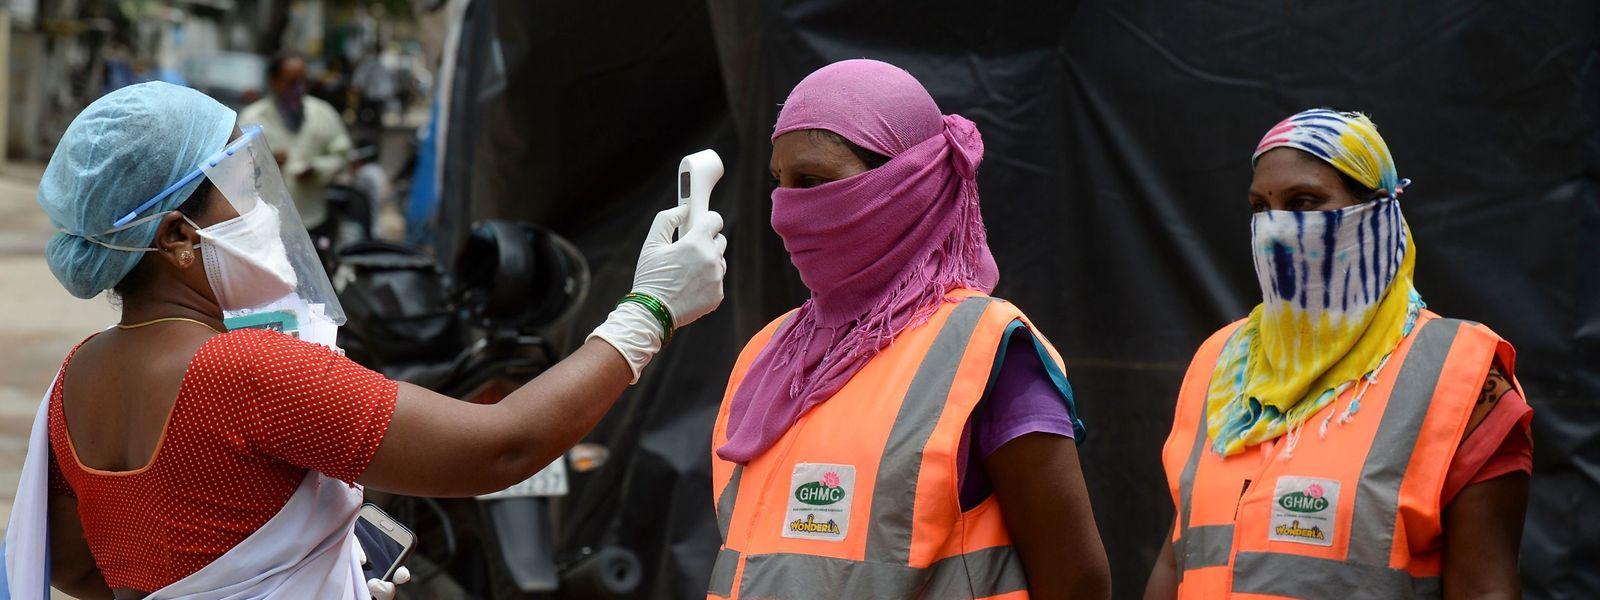 Eine indische Gesundheitspflegerin kontrolliert die Körpertemperatur von möglichen Covid-19-Erkrankten.